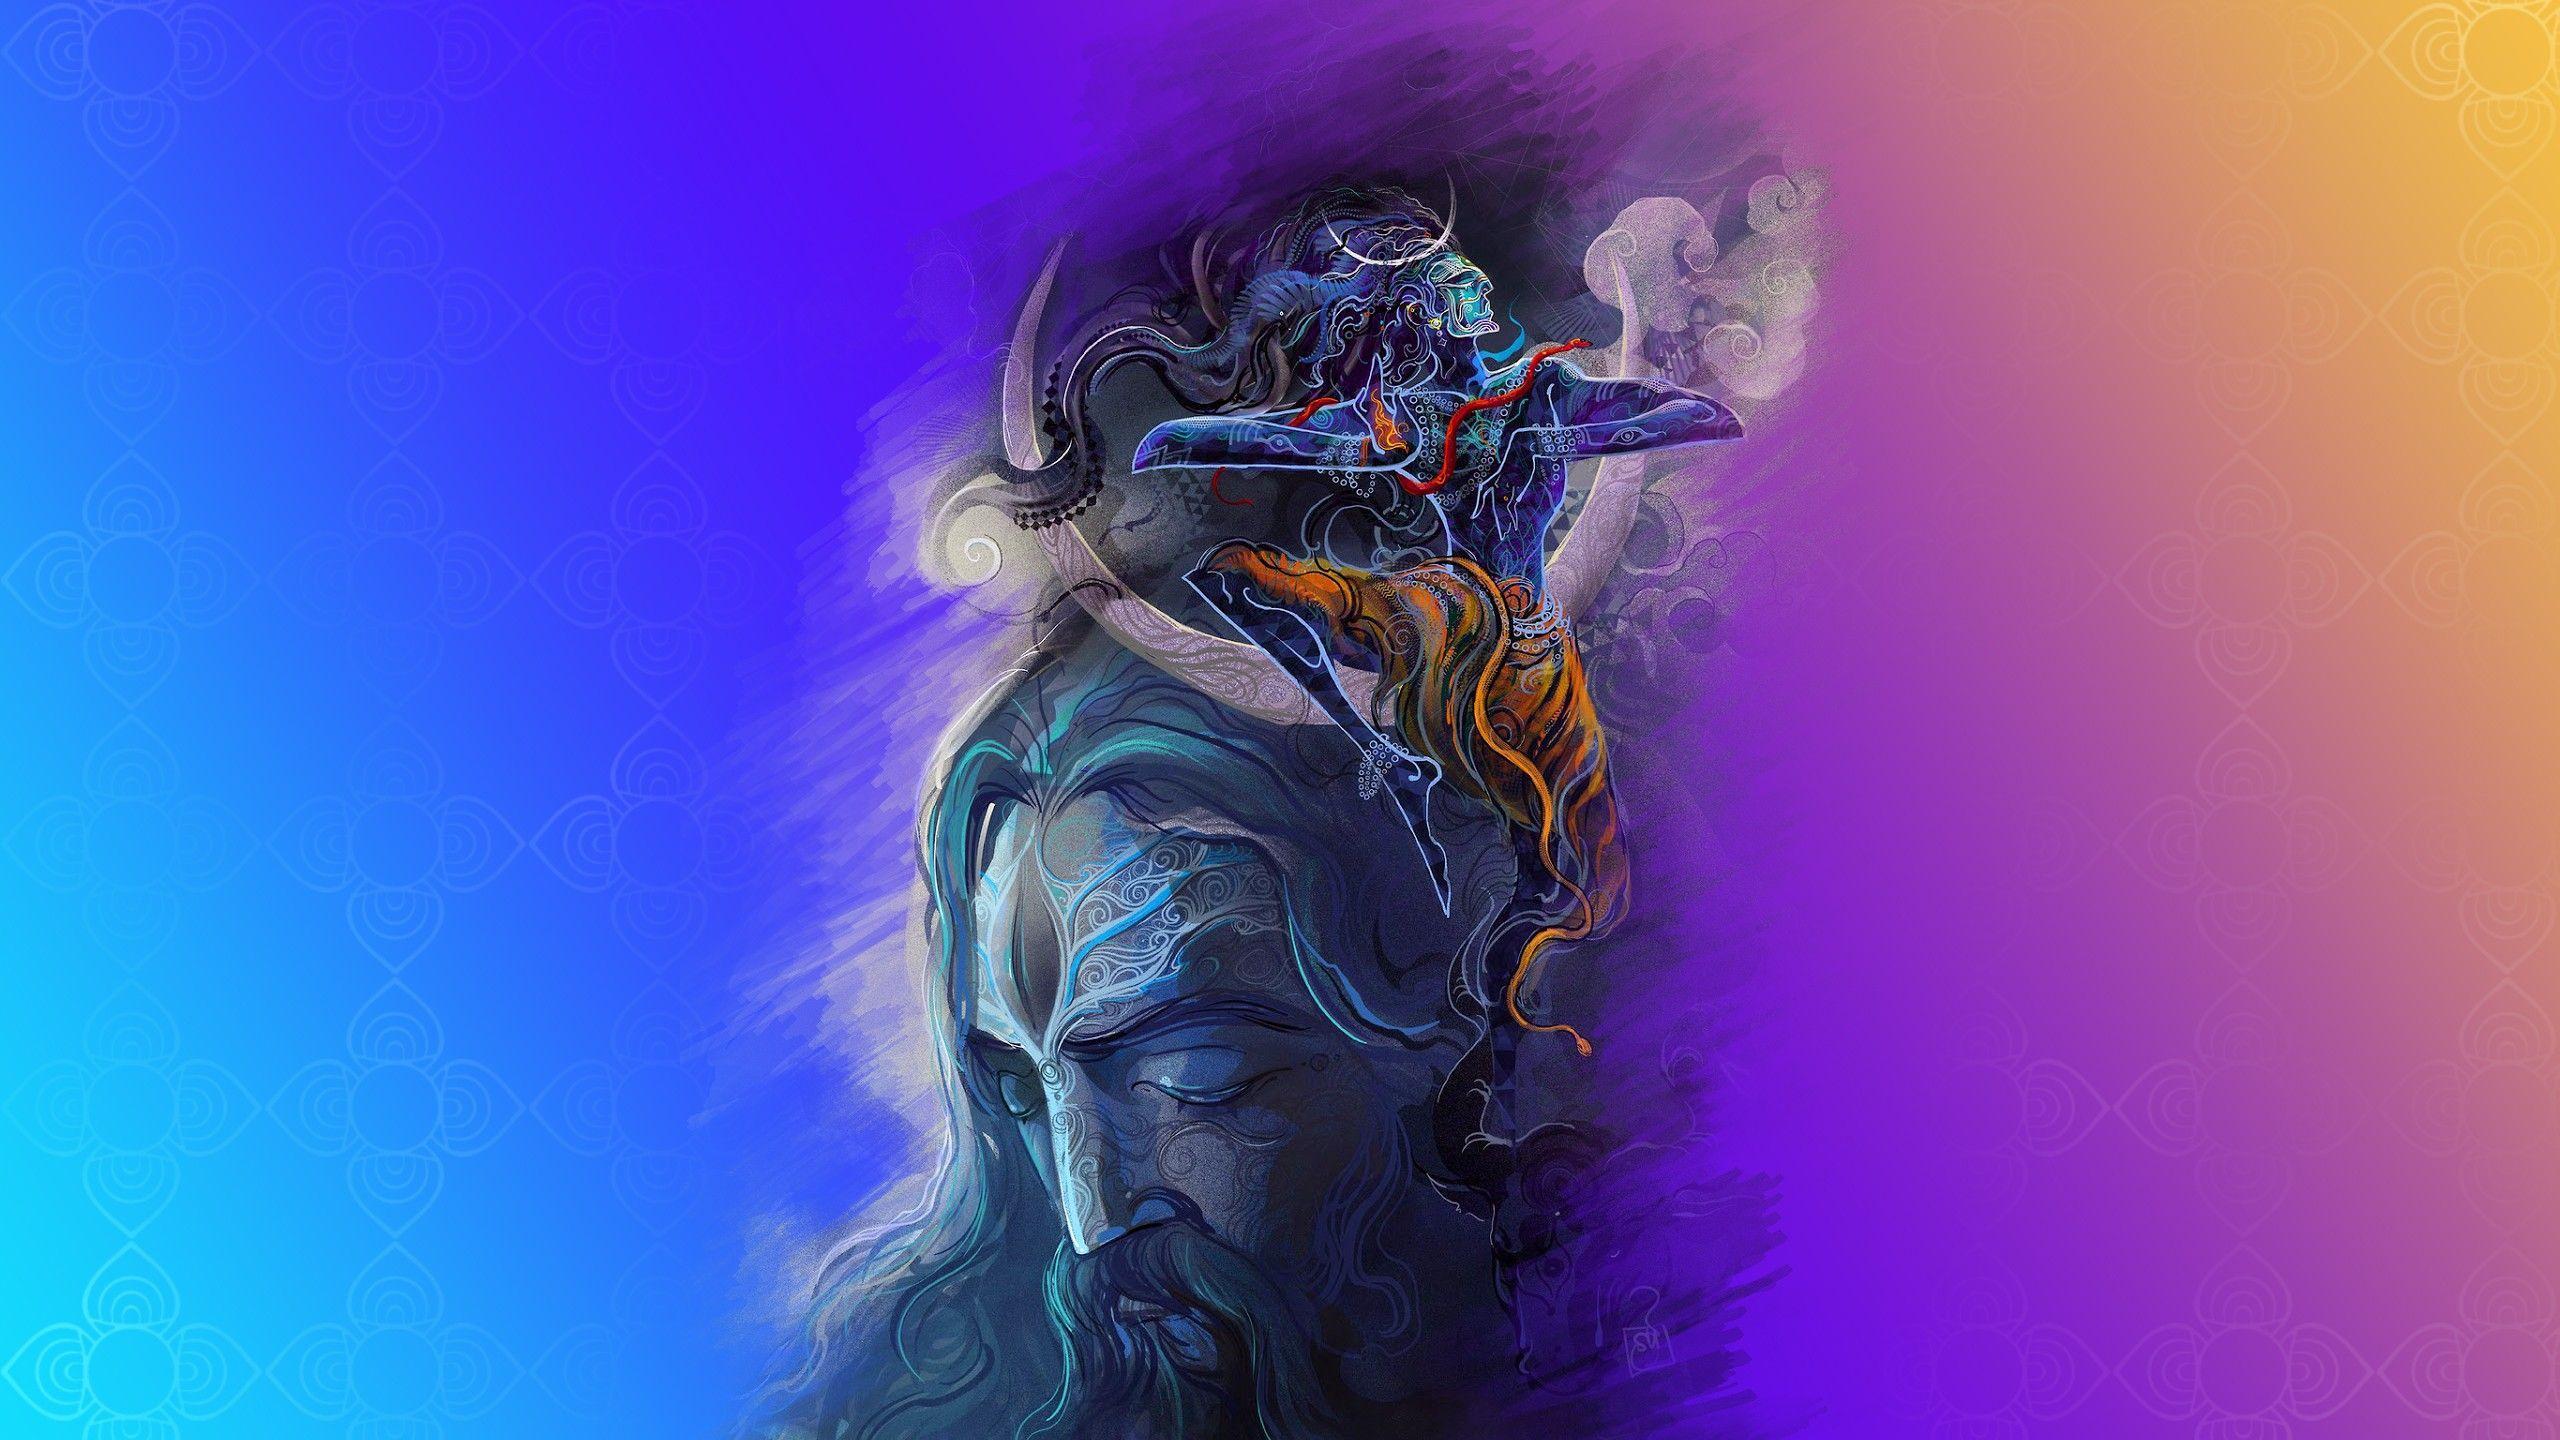 Đồ họa sáng tạo 2560x1440 / Hình nền Chúa Shiva - Chúa tể hình nền HD